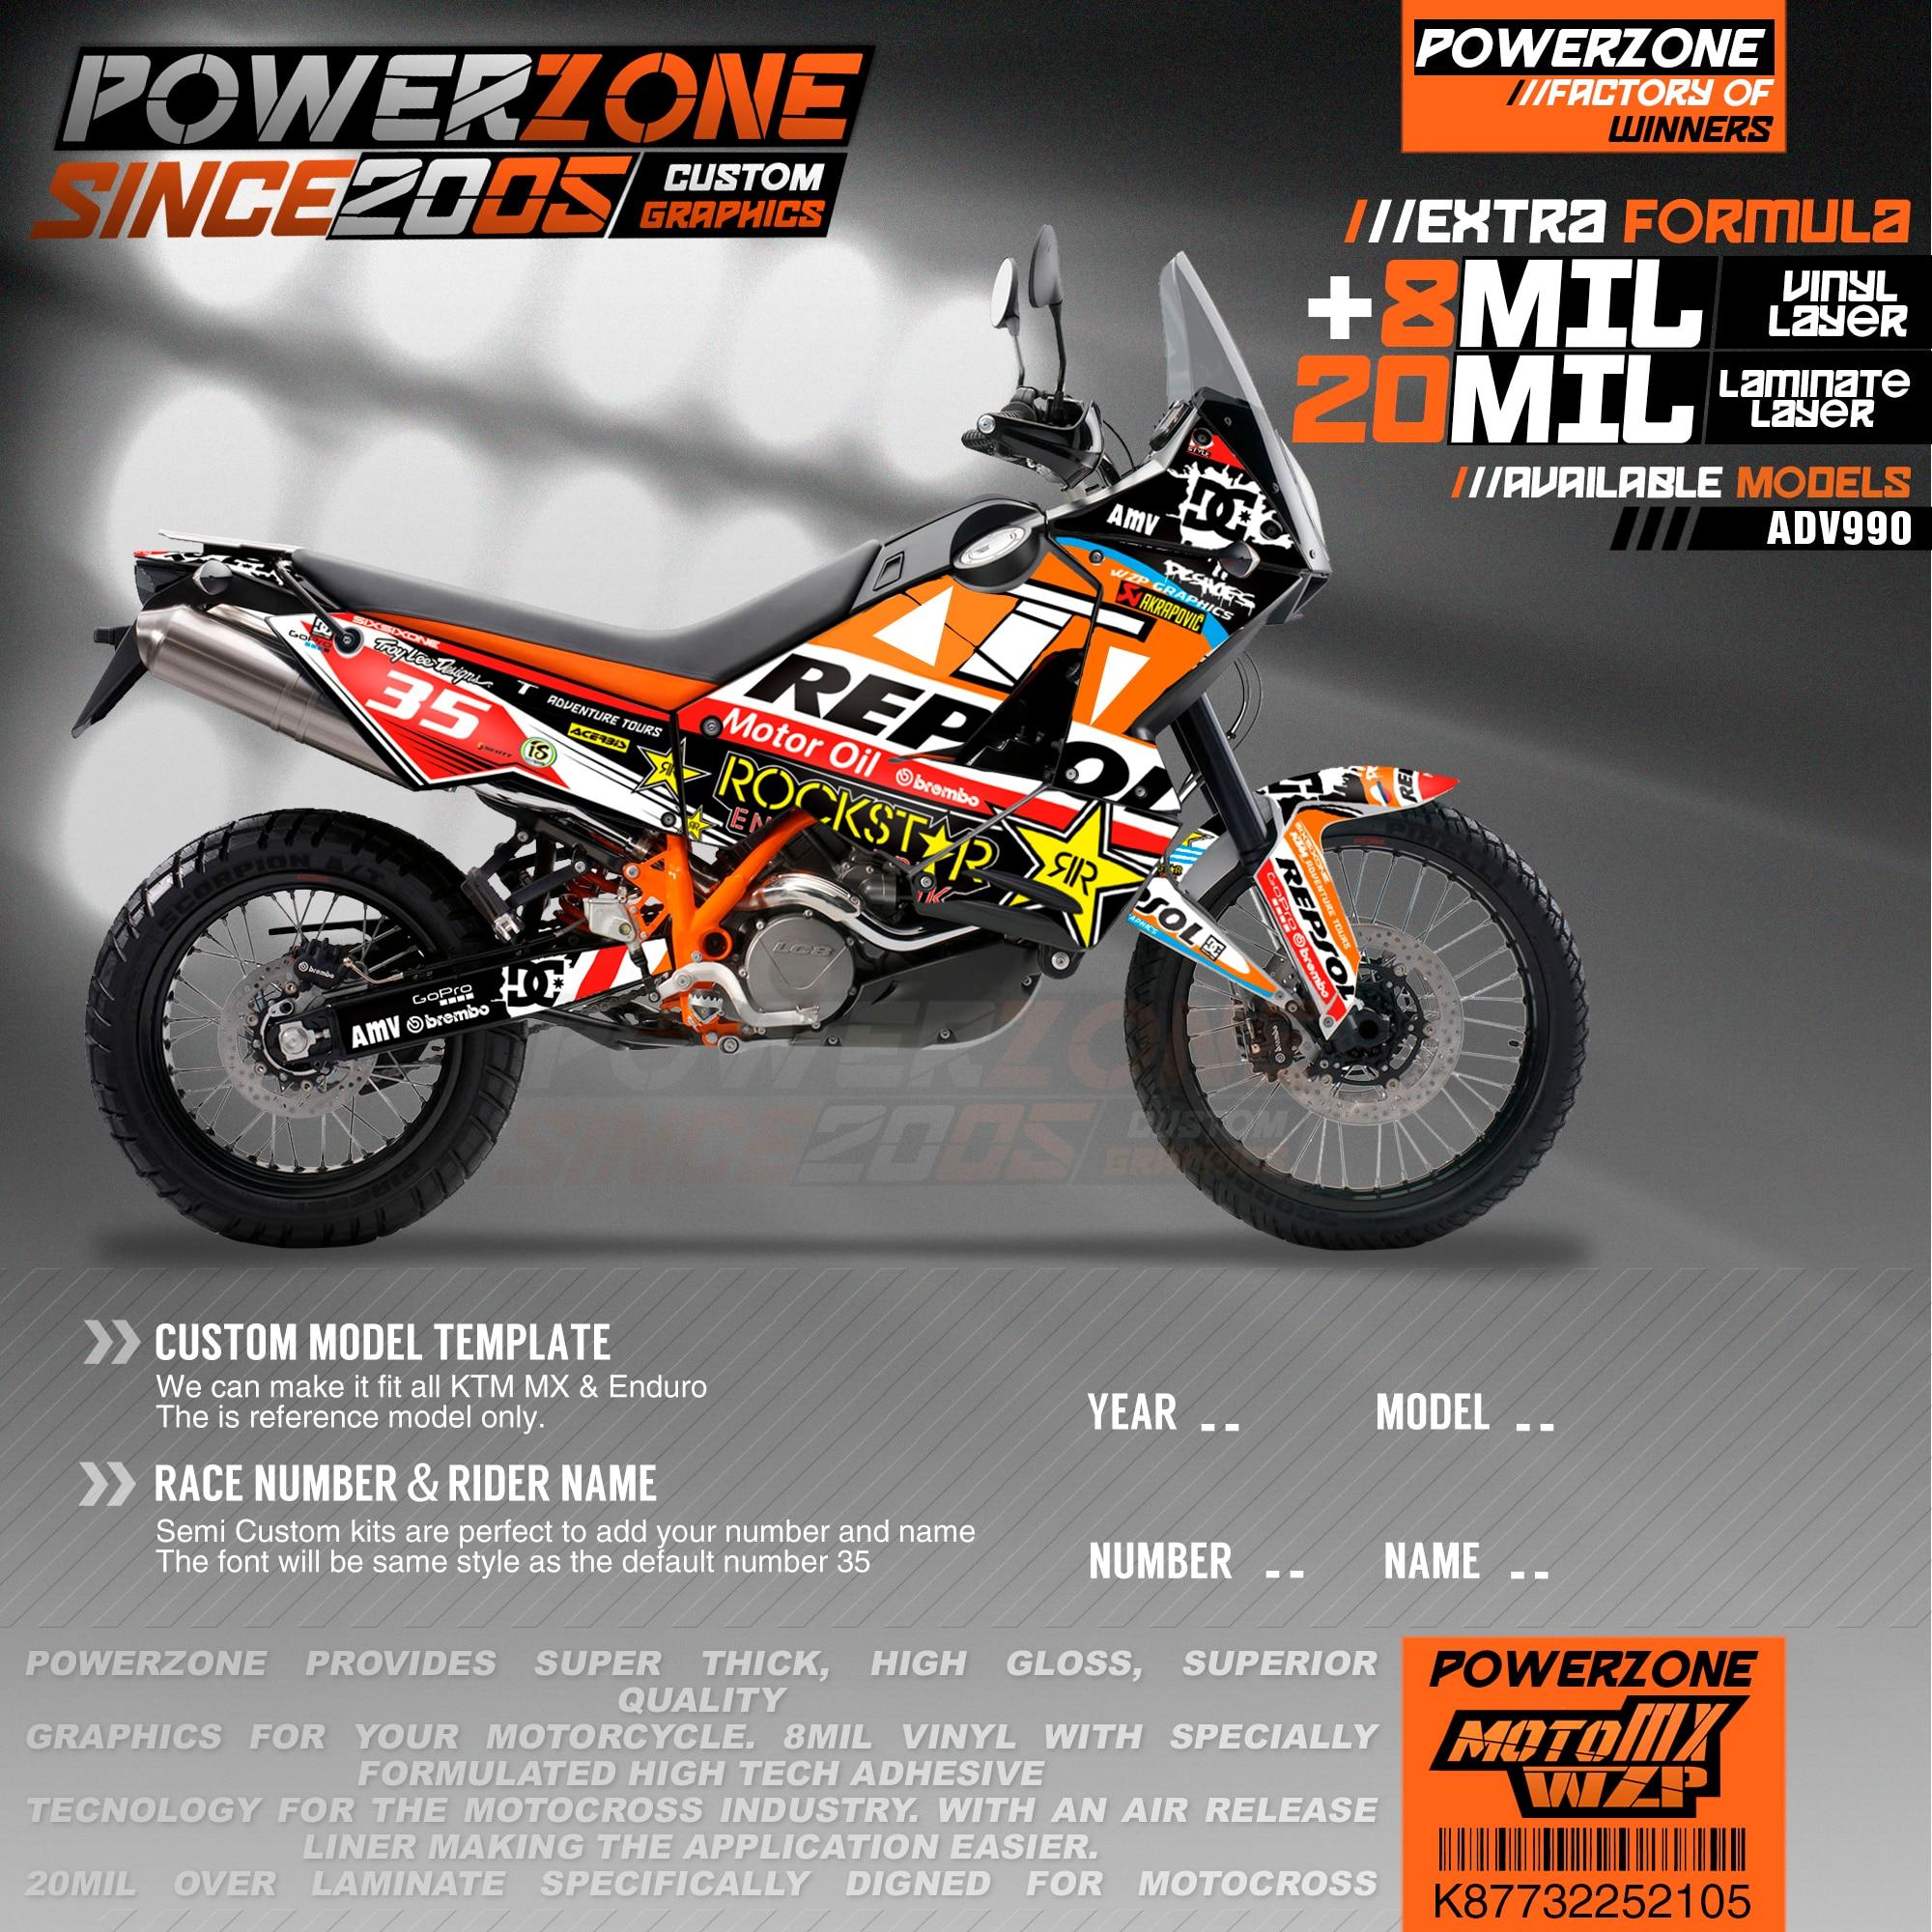 PowerZone مخصص فريق الرسومات الخلفيات الشارات 3M ملصقات عدة ل KTM ADV 950 990 105